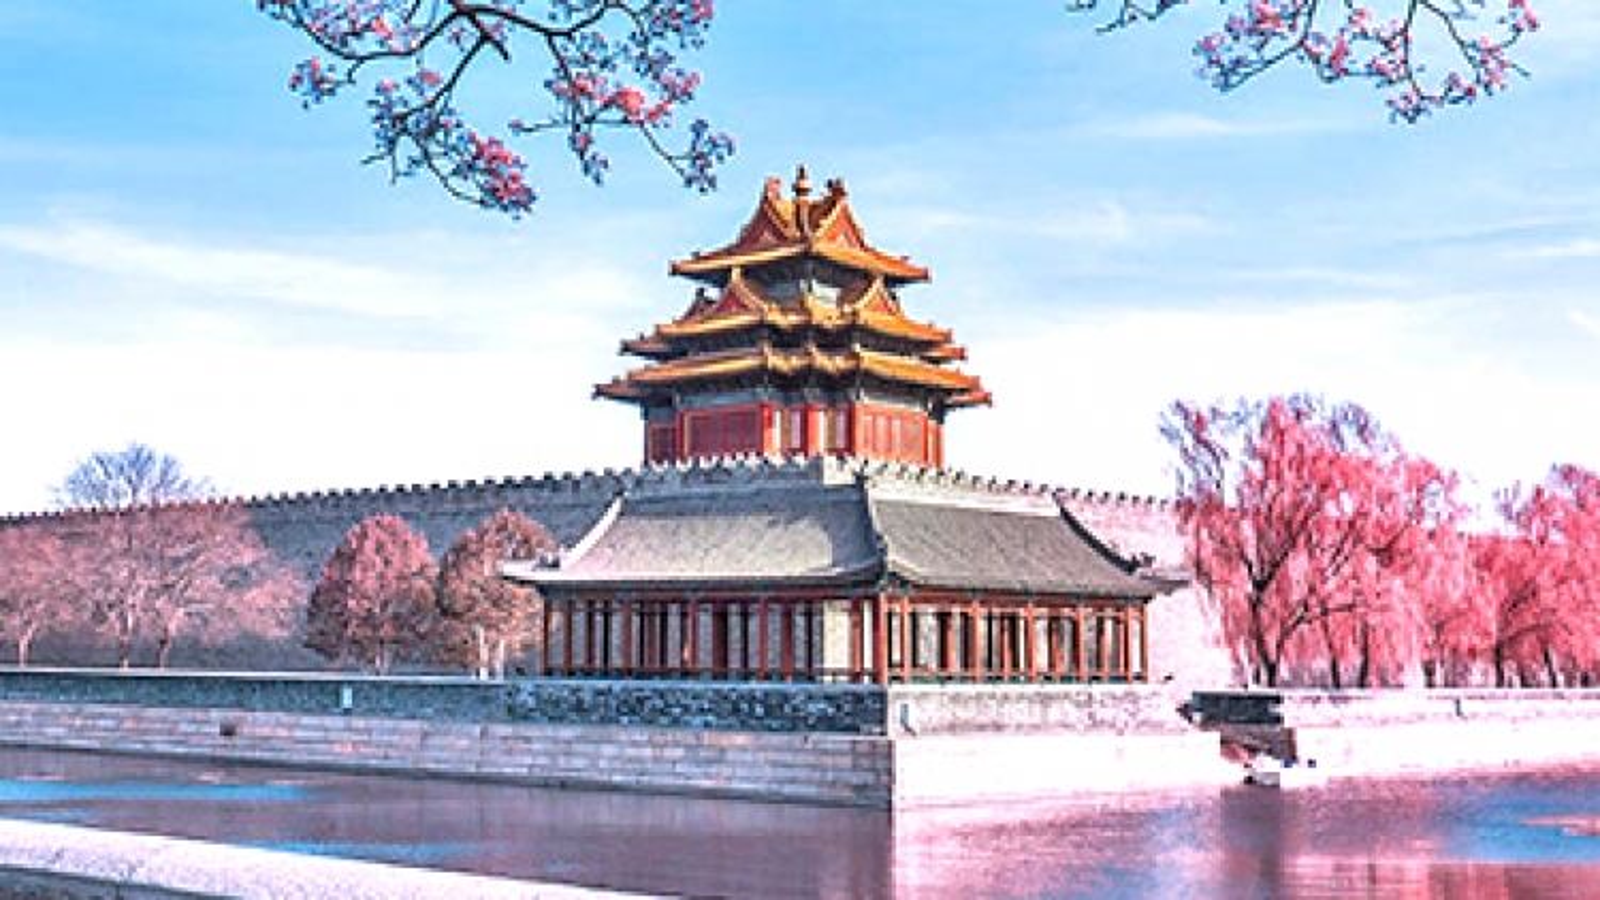 Trung Quốc tăng cường chấn chỉnh thị trường du lịch